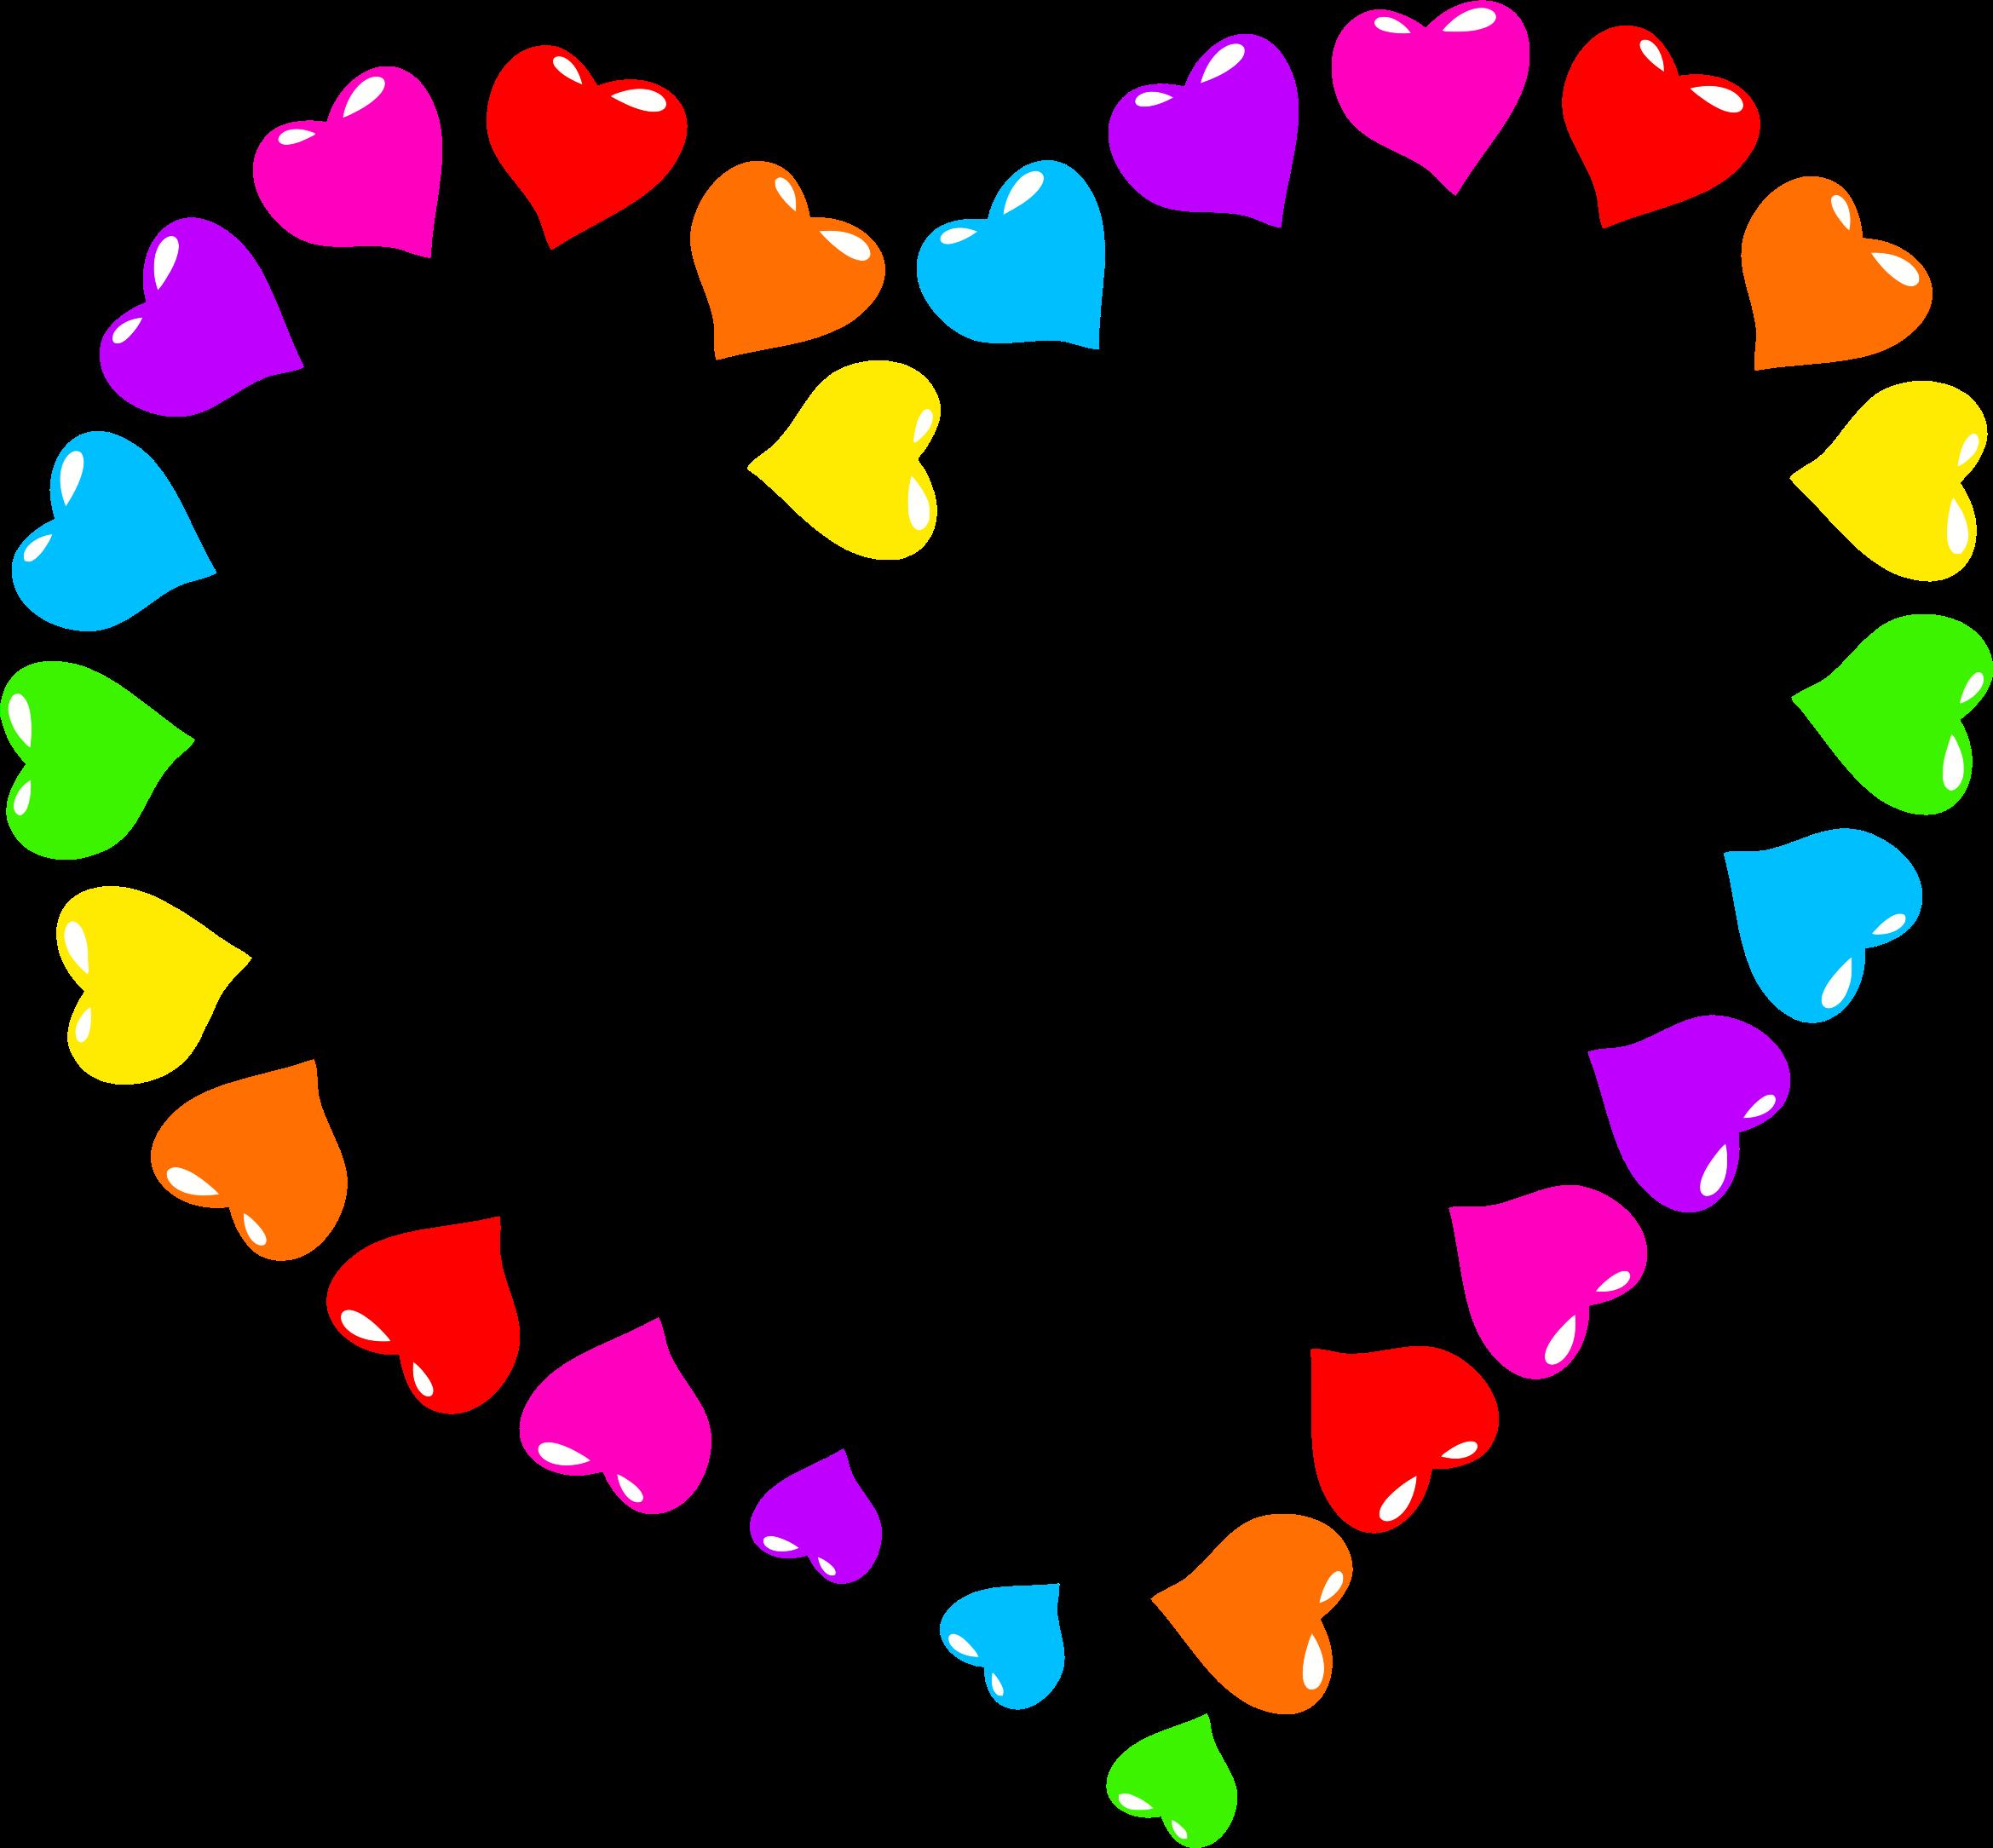 Rainbow Heart Png 2339 2169 Corazones Marcos Con Flores Fondo Corazones